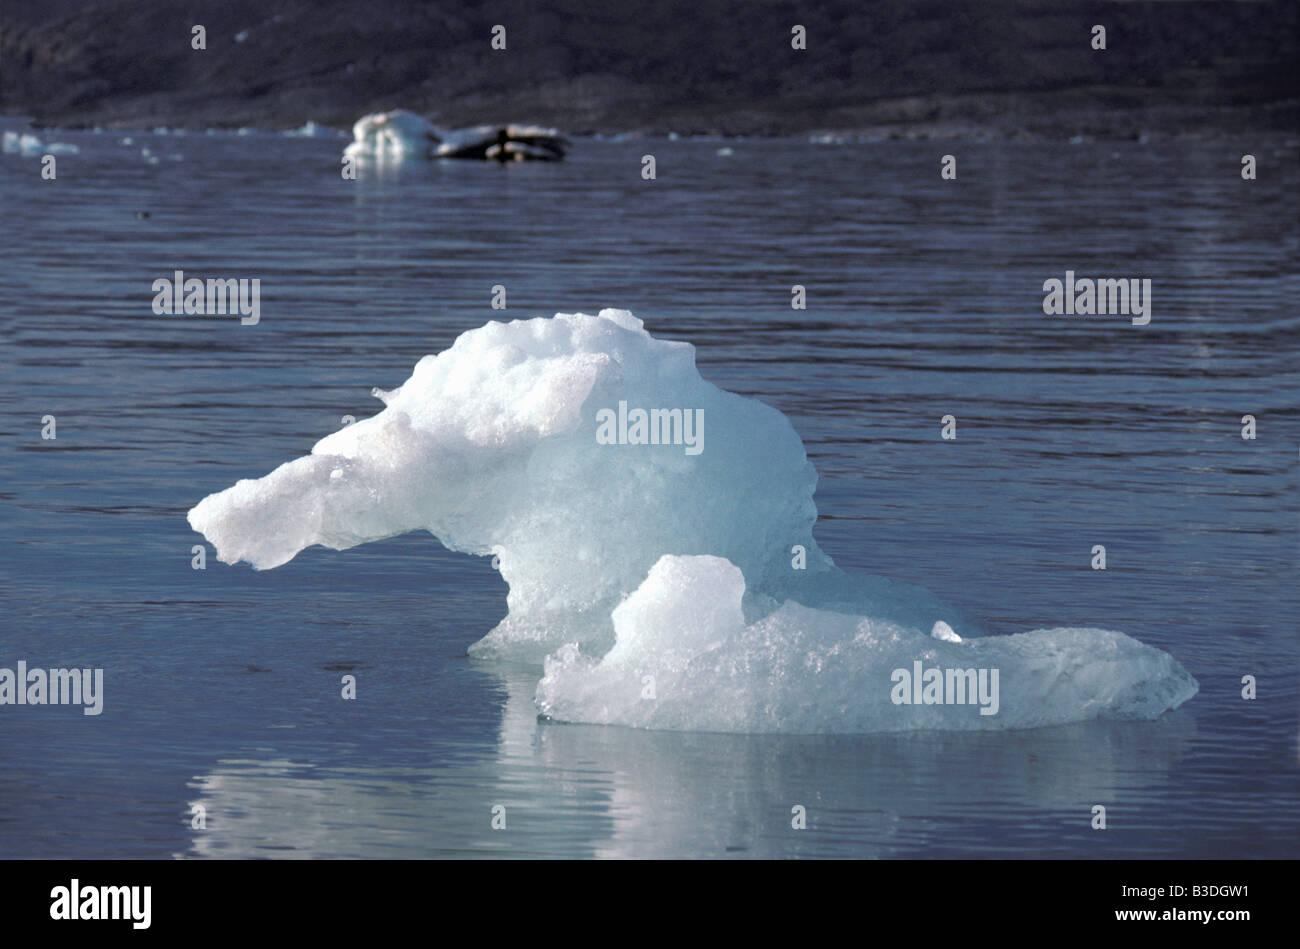 glace Iceberg Spitzberg Baie du Roi Arctic Astronomy Atmosphere Ambiance Atmospheres Ambiance Backlighting Back - Stock Image